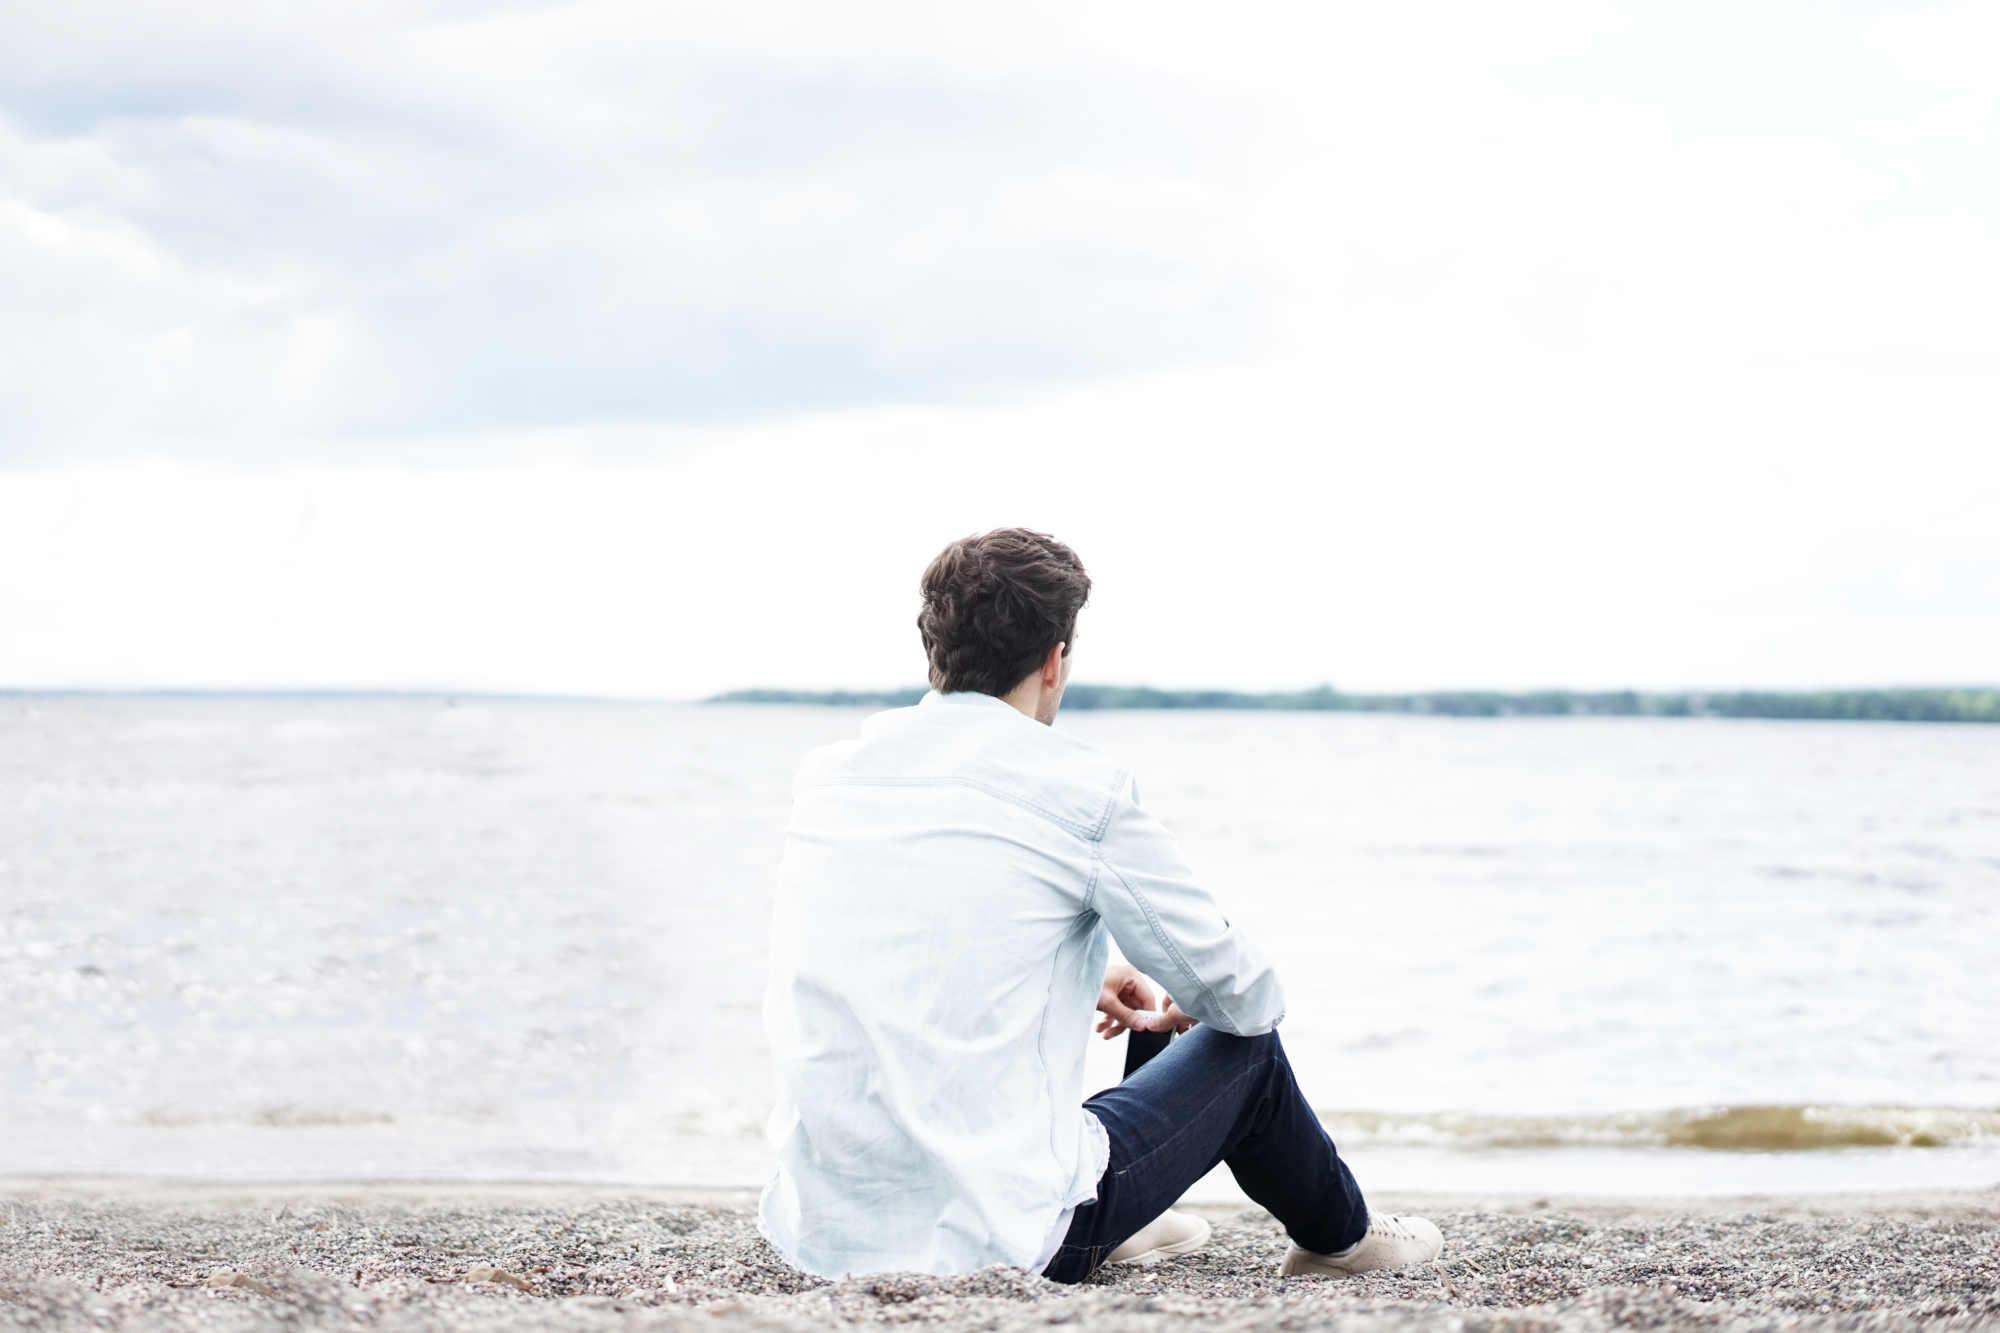 Être négatif révèle nos insécurités